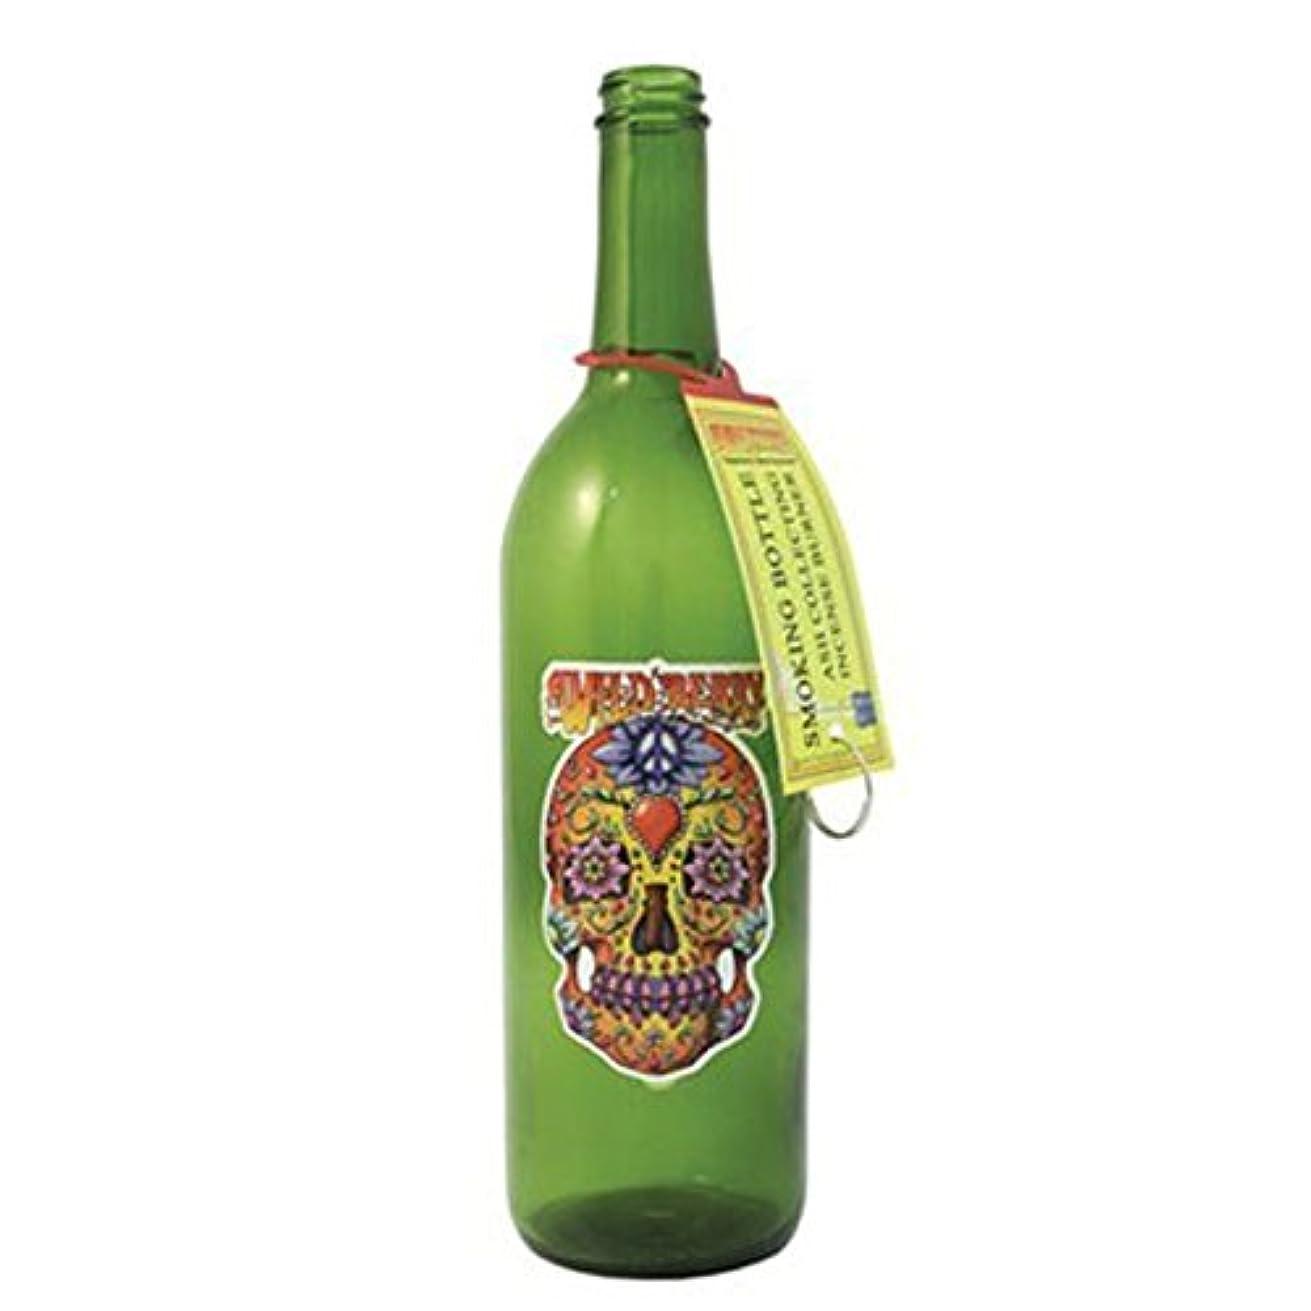 不潔トライアスリートモールグリーンガラスIncense Smokingボトルシュガースカルデザイン、Plus 10 SticksフリーオレンジIncense